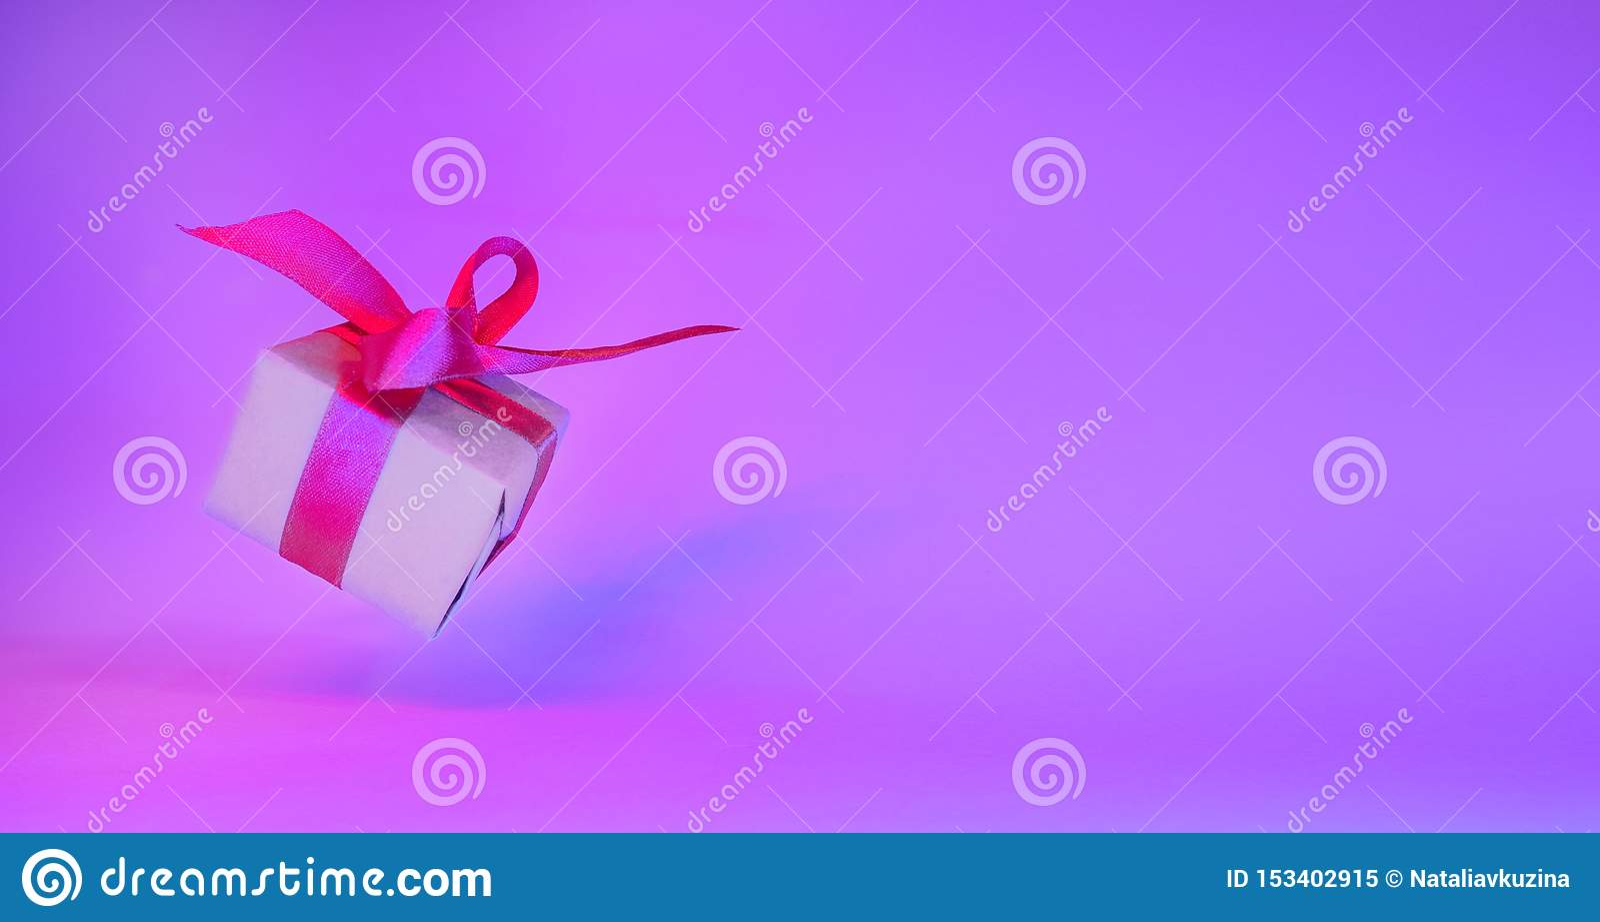 Κιβώτιο δώρων με την κόκκινη κορδέλλα στο καθιερώνον τη μόδα υπόβαθρο χρώματος νέου μηδέν έμβλημα βαρύτητας μετεωρισμός Copyspace